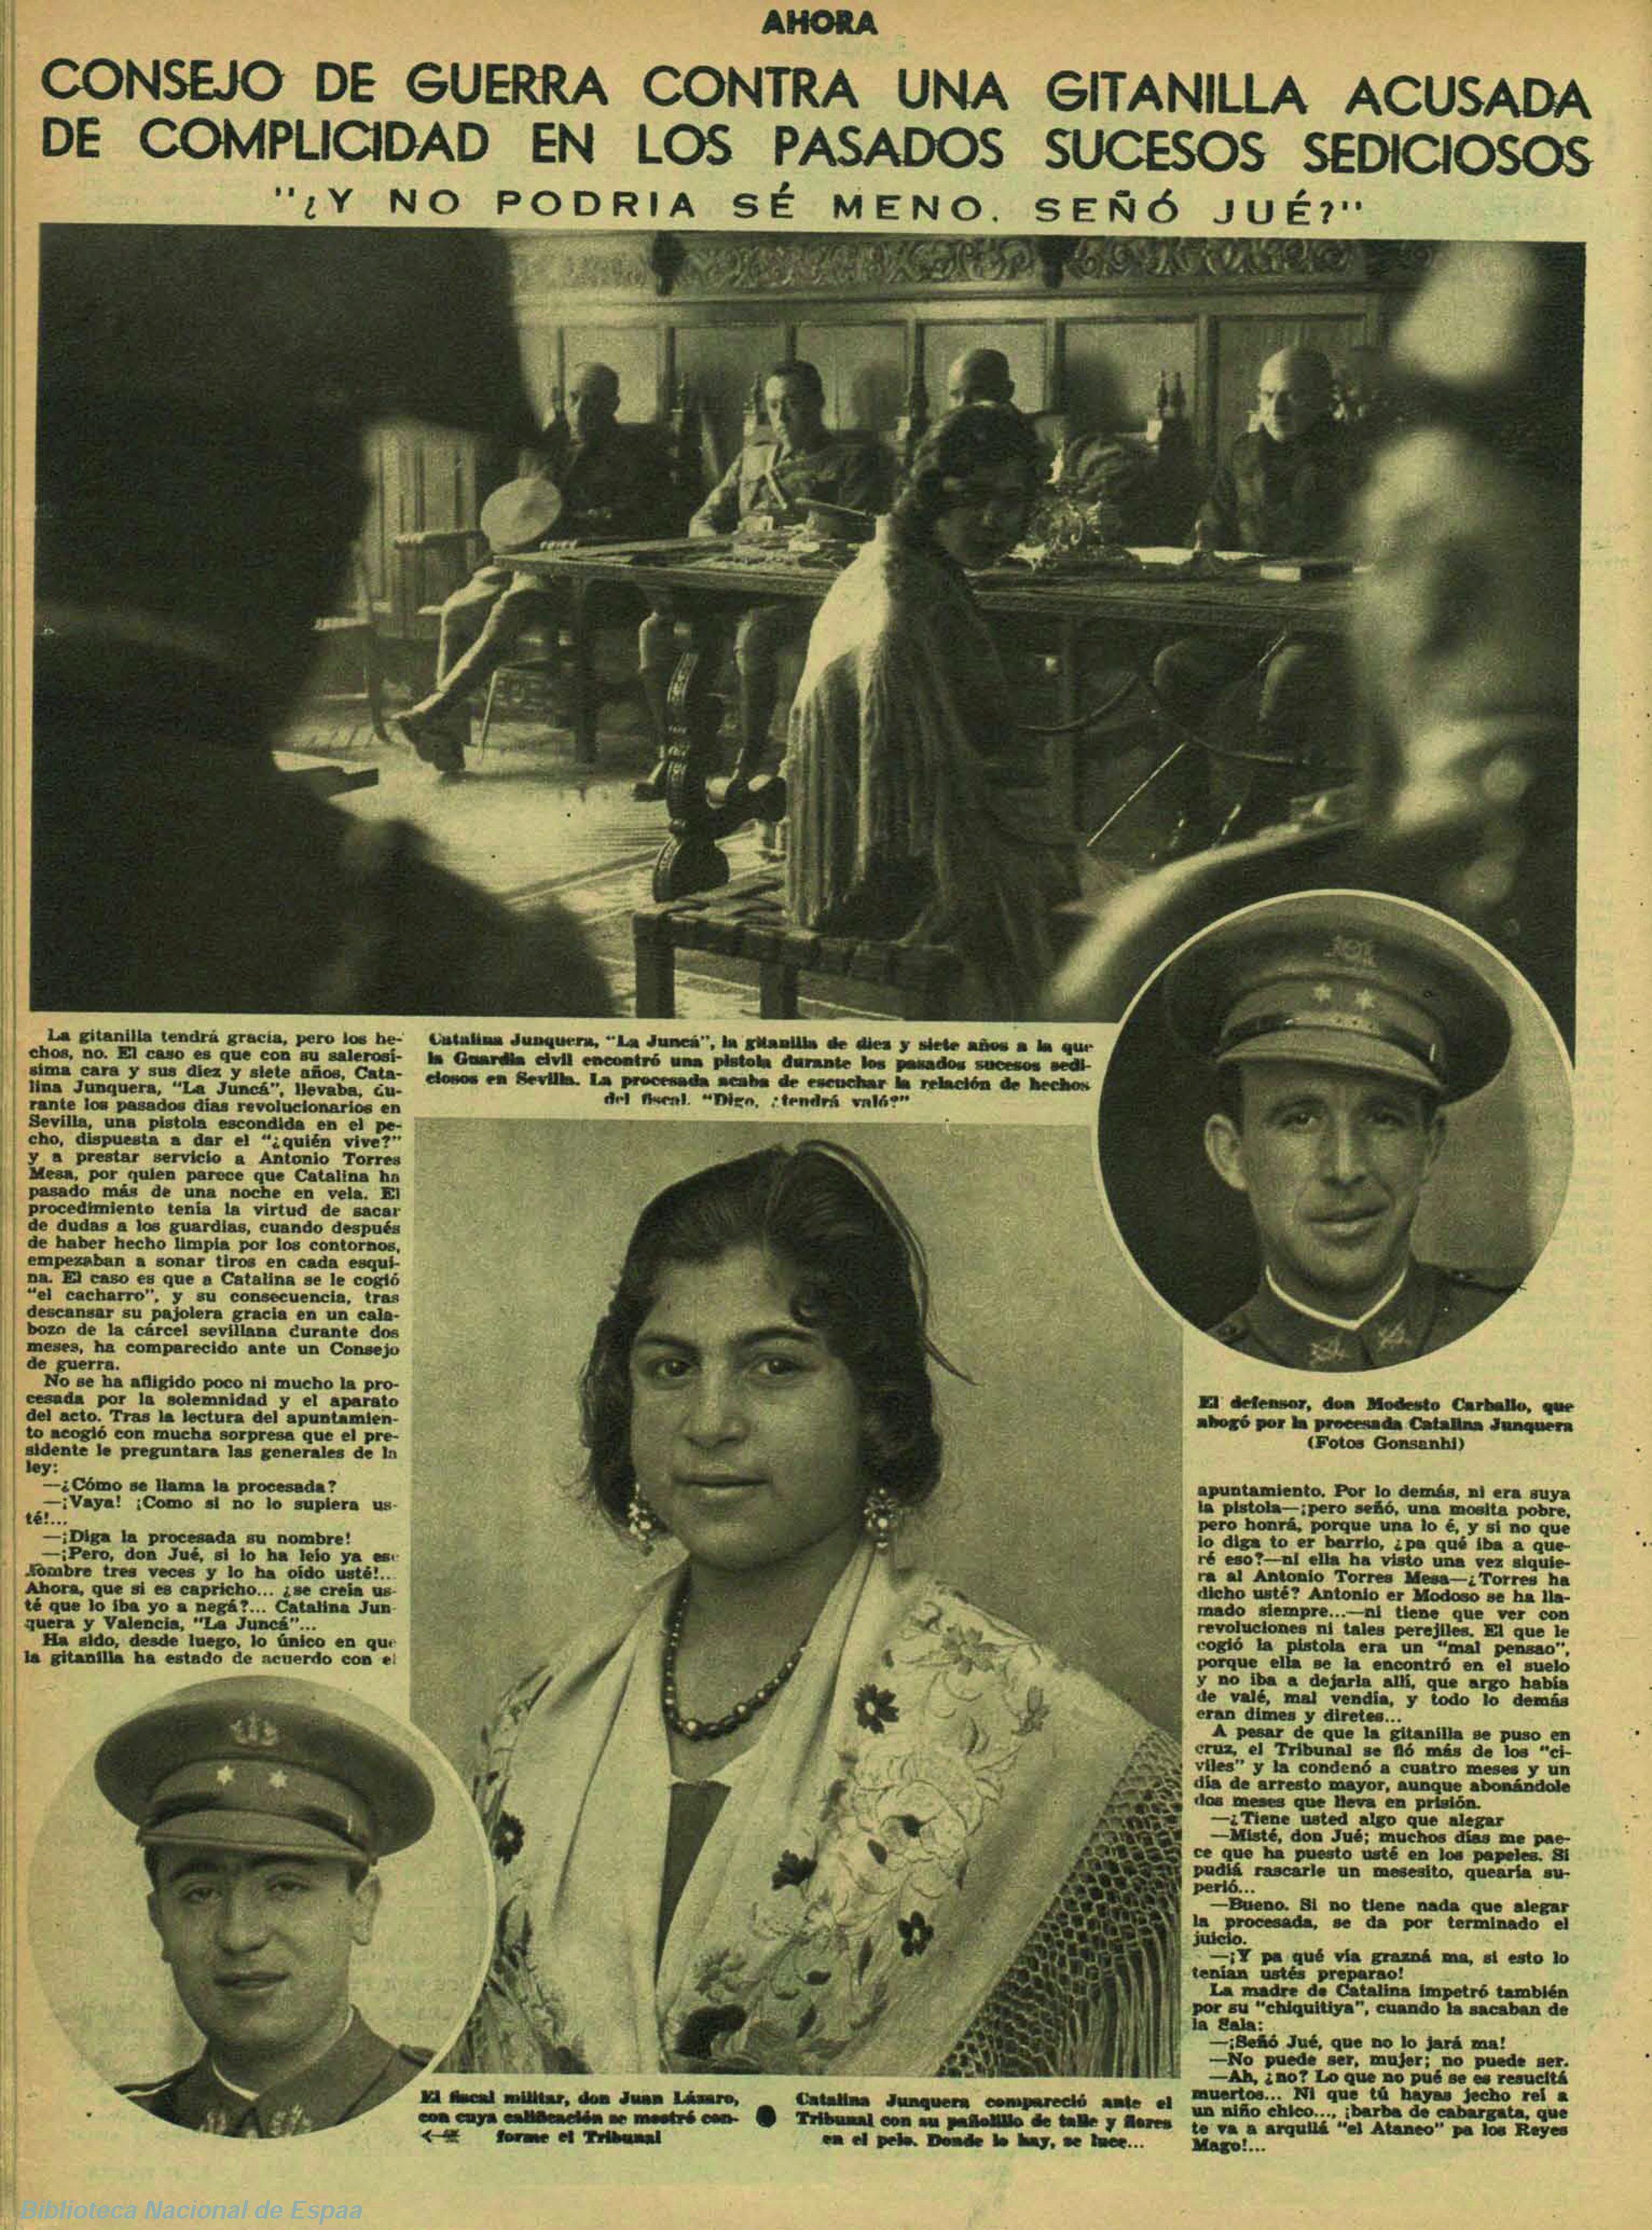 Reportaje sobre La Junca en  Ahora  (30 de noviembre de 1934)